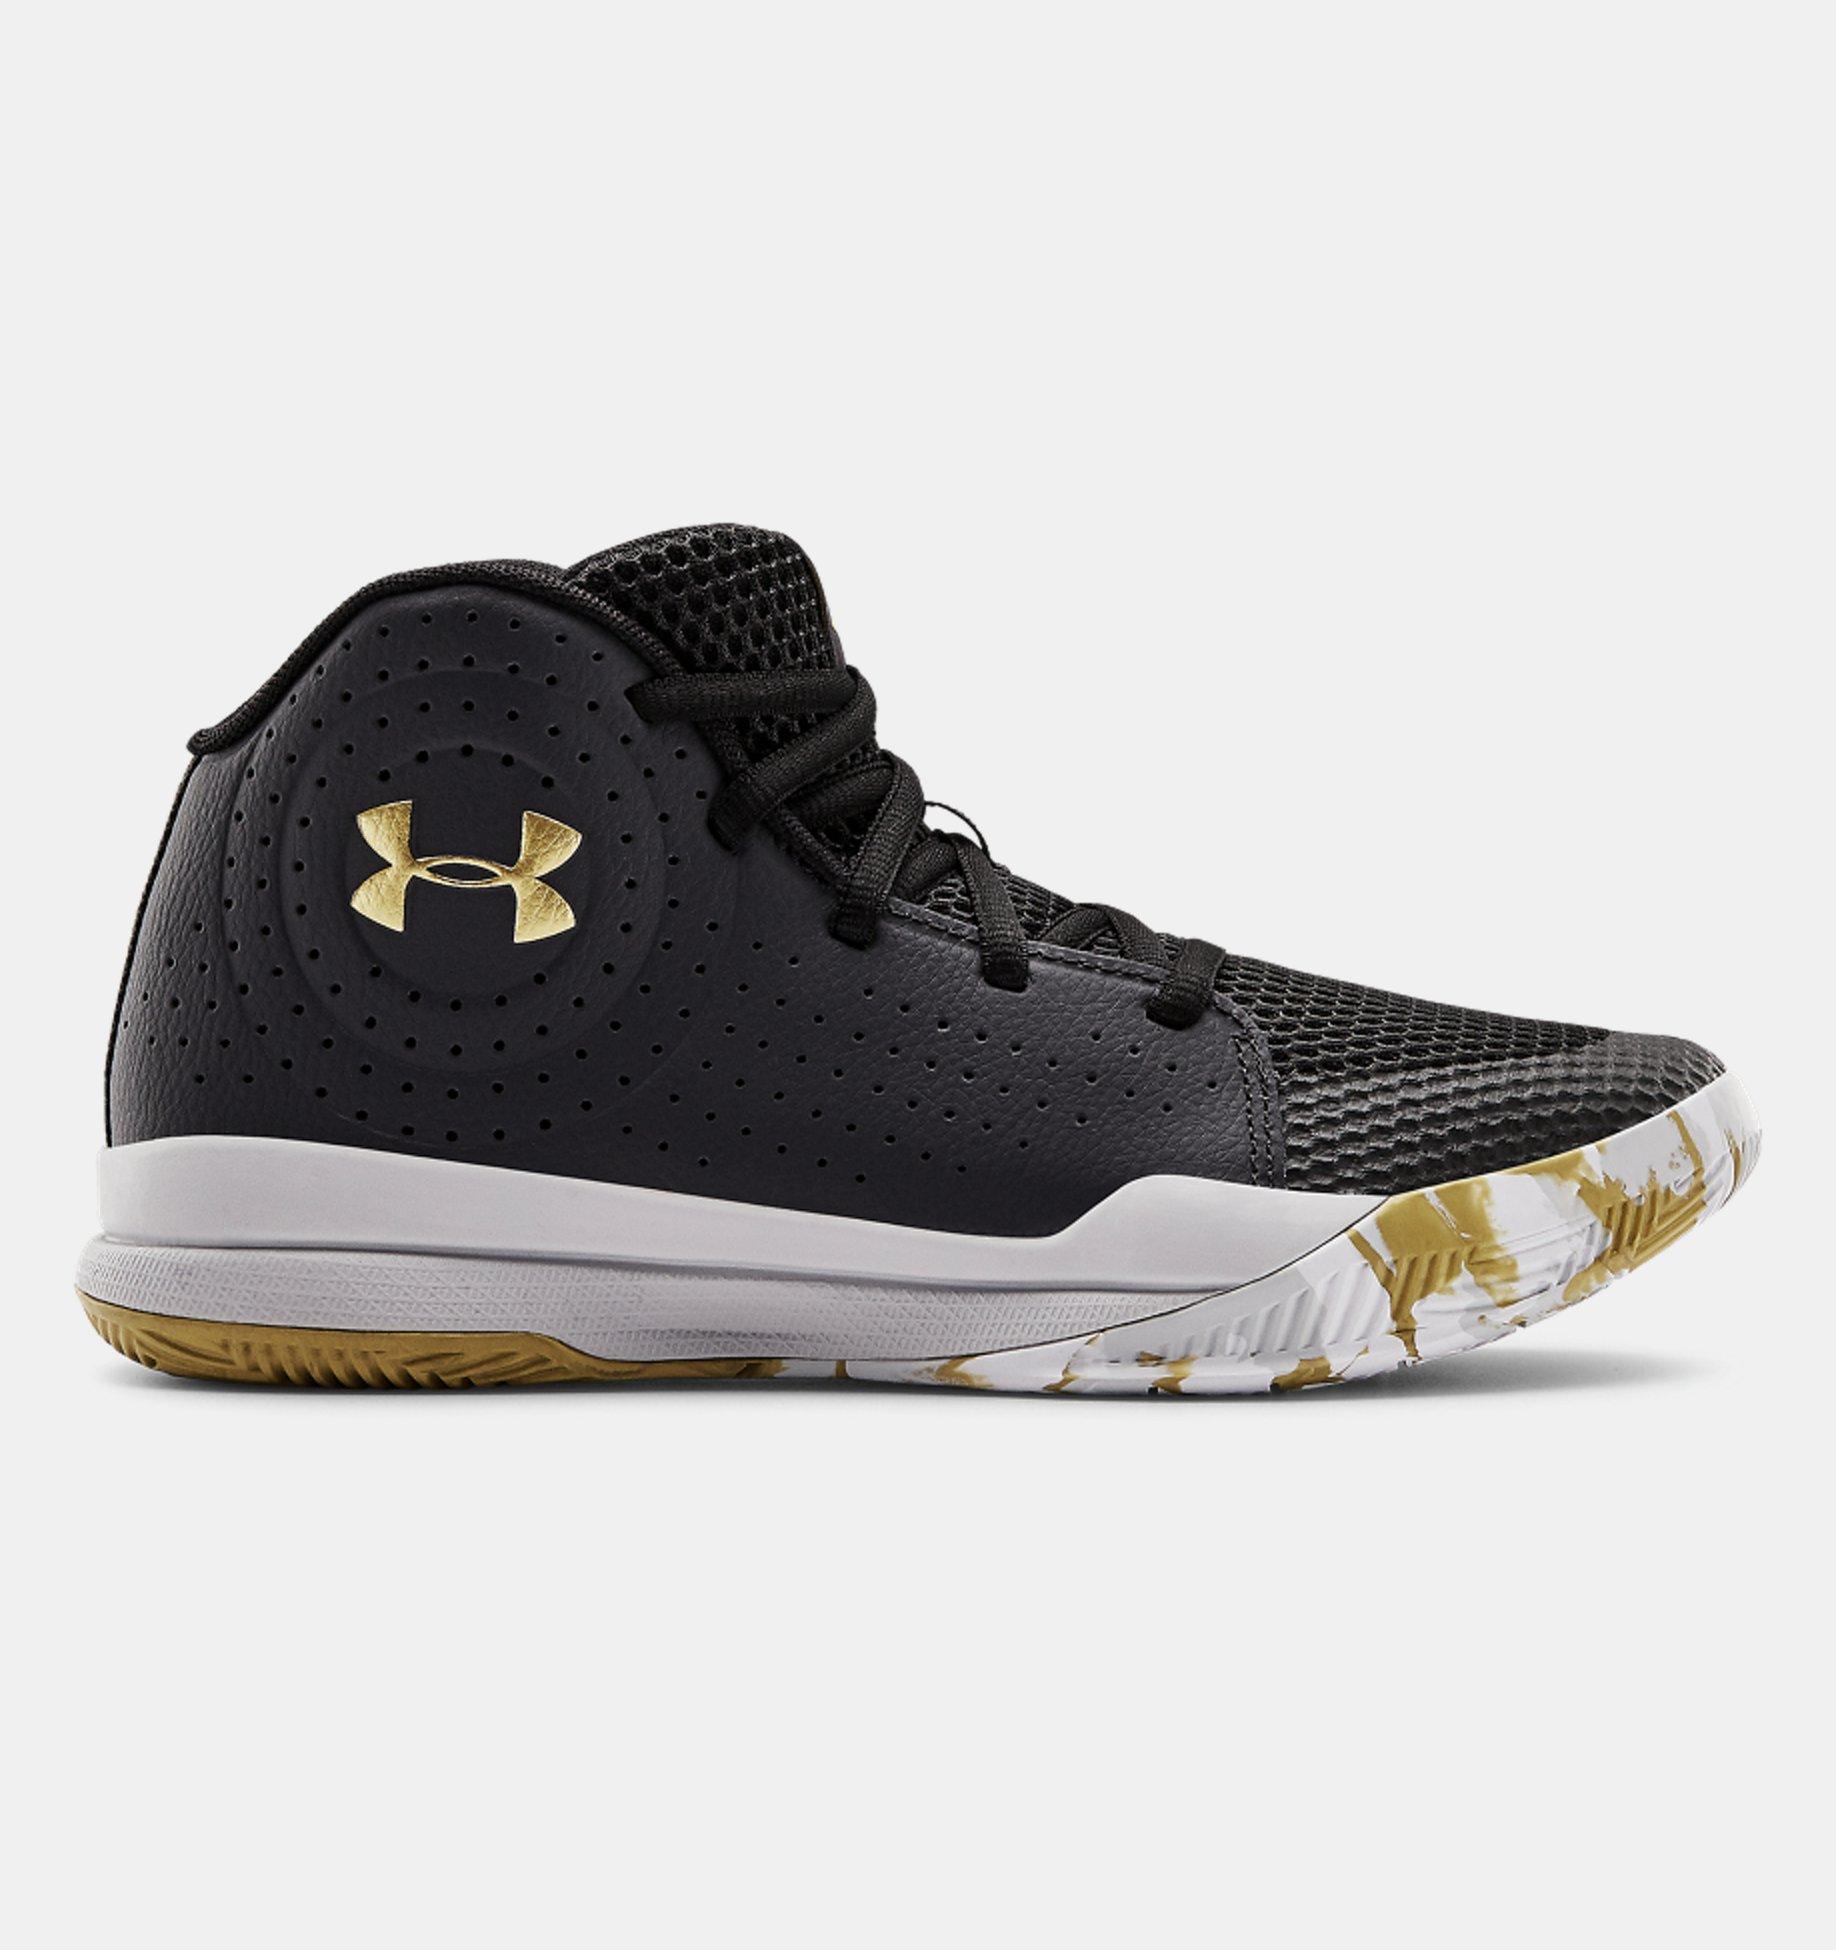 Underarmour Grade School UA Jet 2019 Basketball Shoes